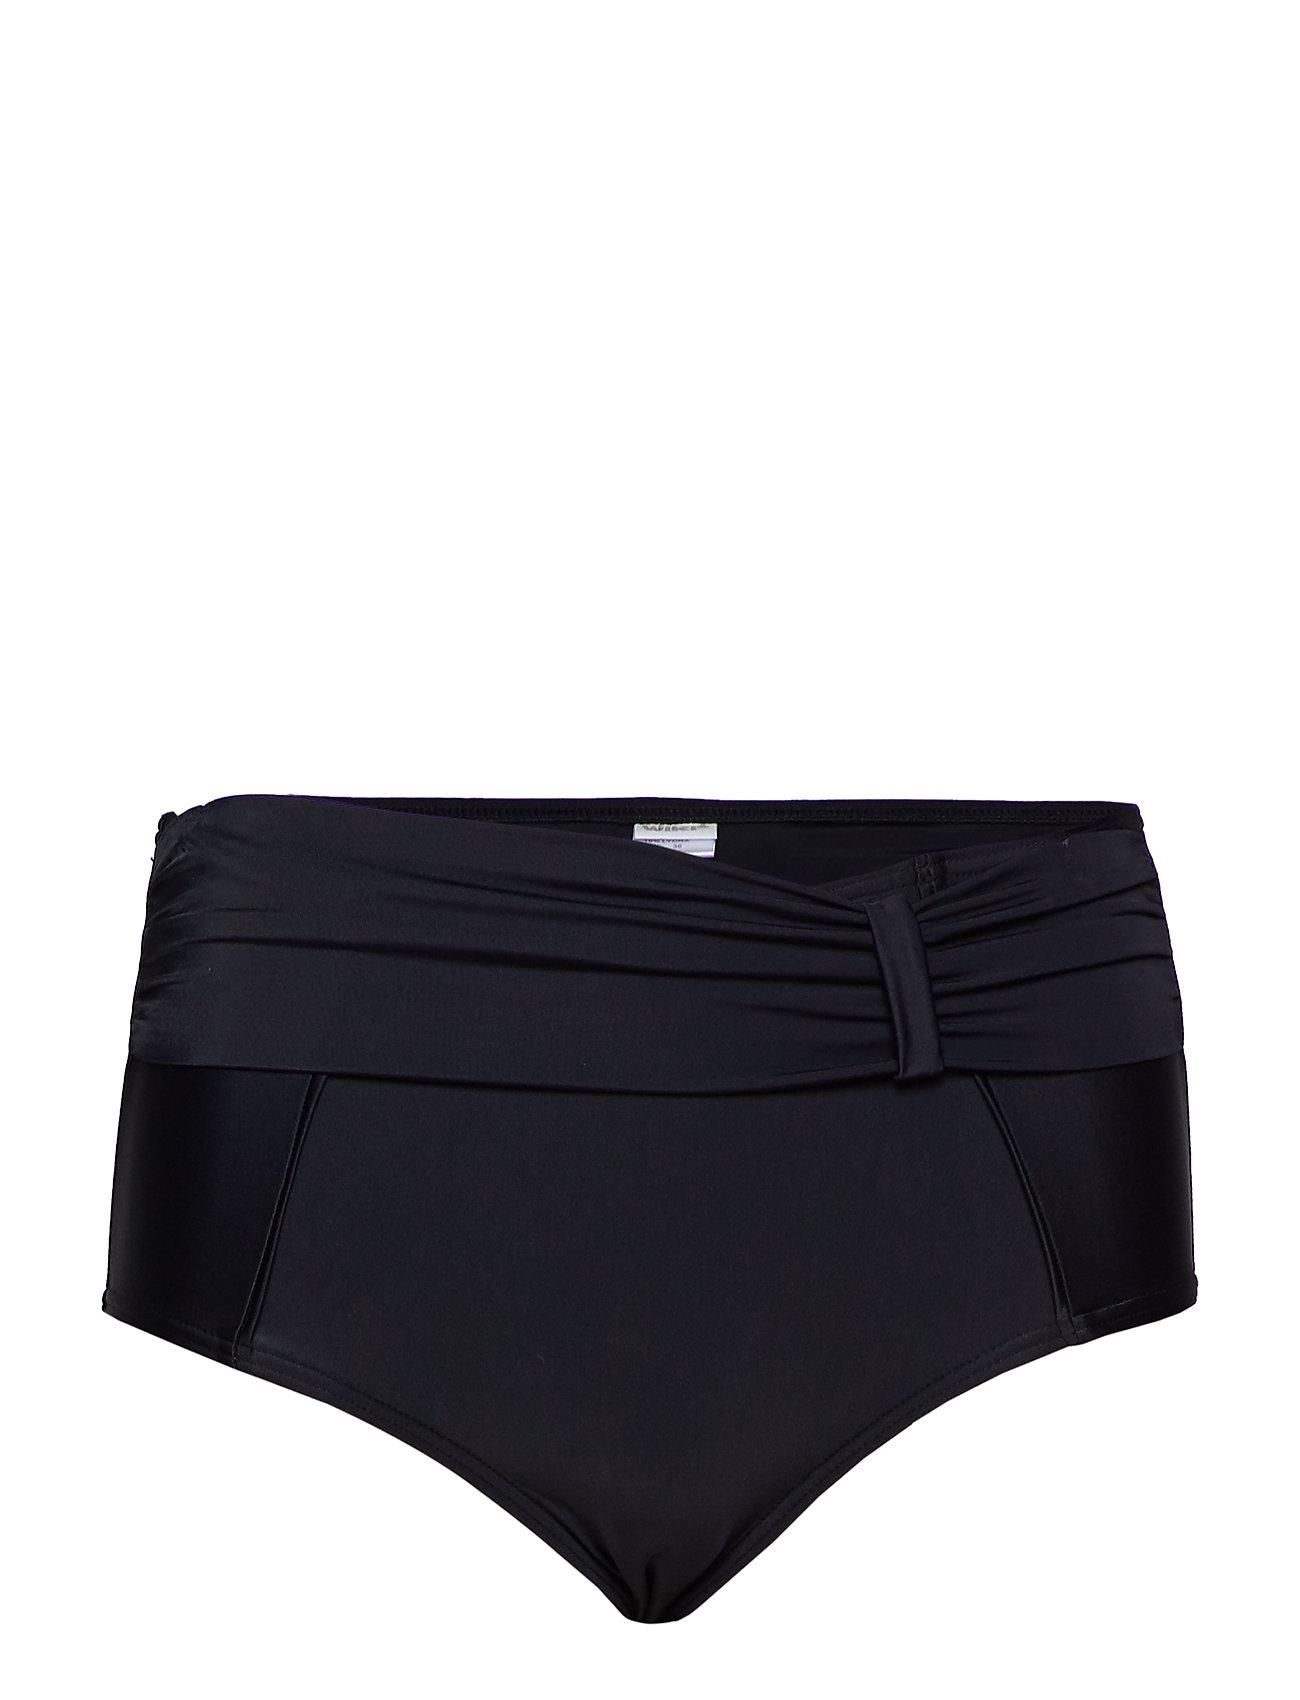 Wiki Swim Maxi brief - BLACK